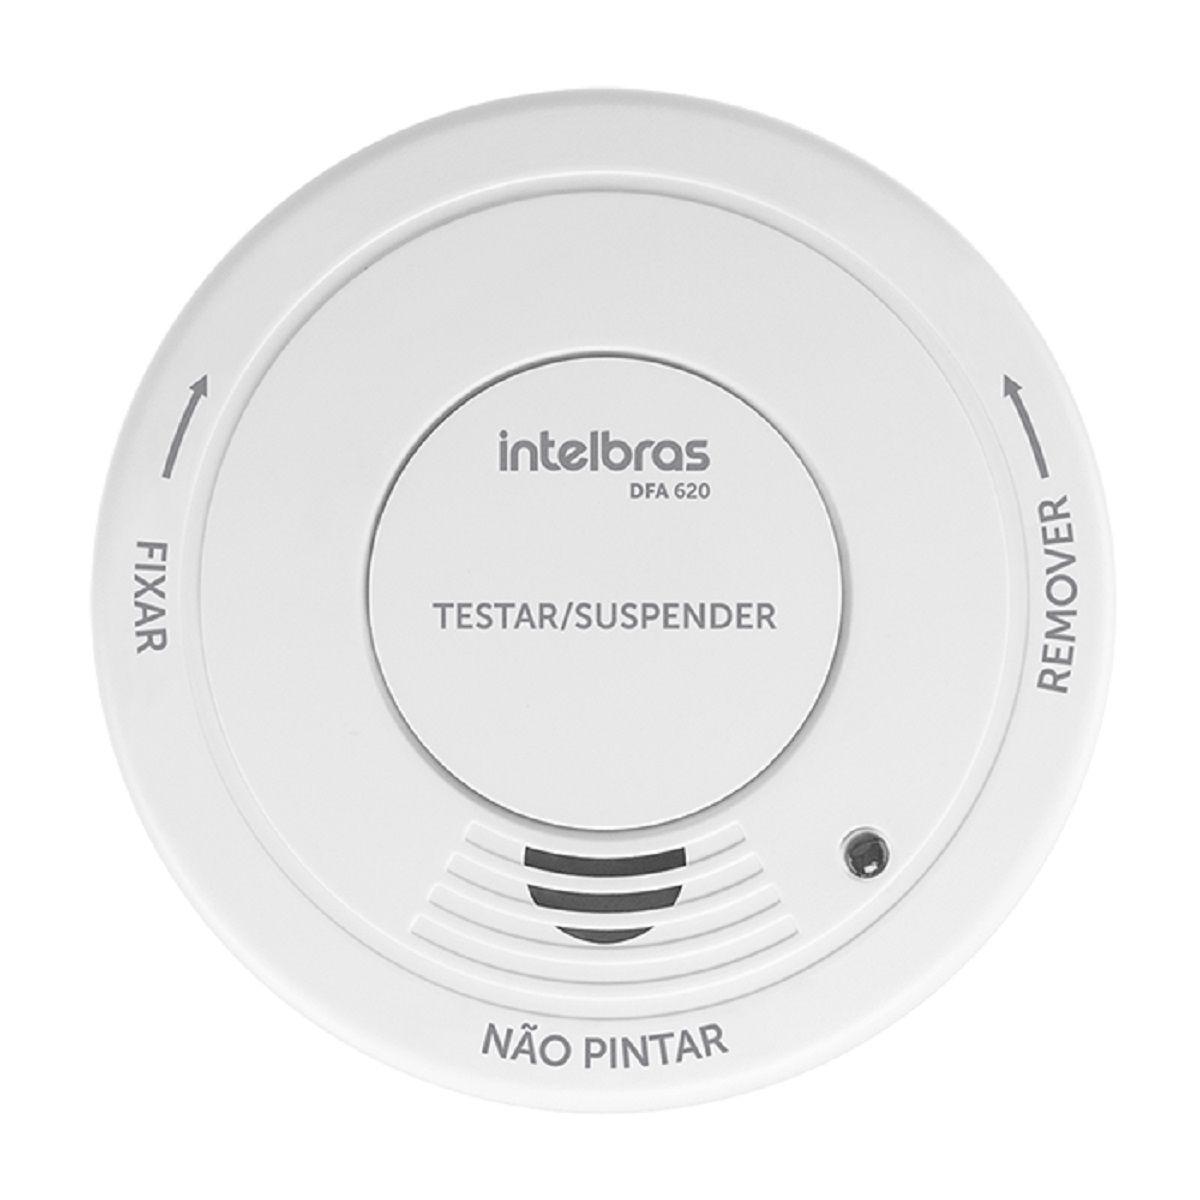 Detector de fumaça autônomo intelbras sirene 85 dB DFA 620 - JS Soluções em Segurança